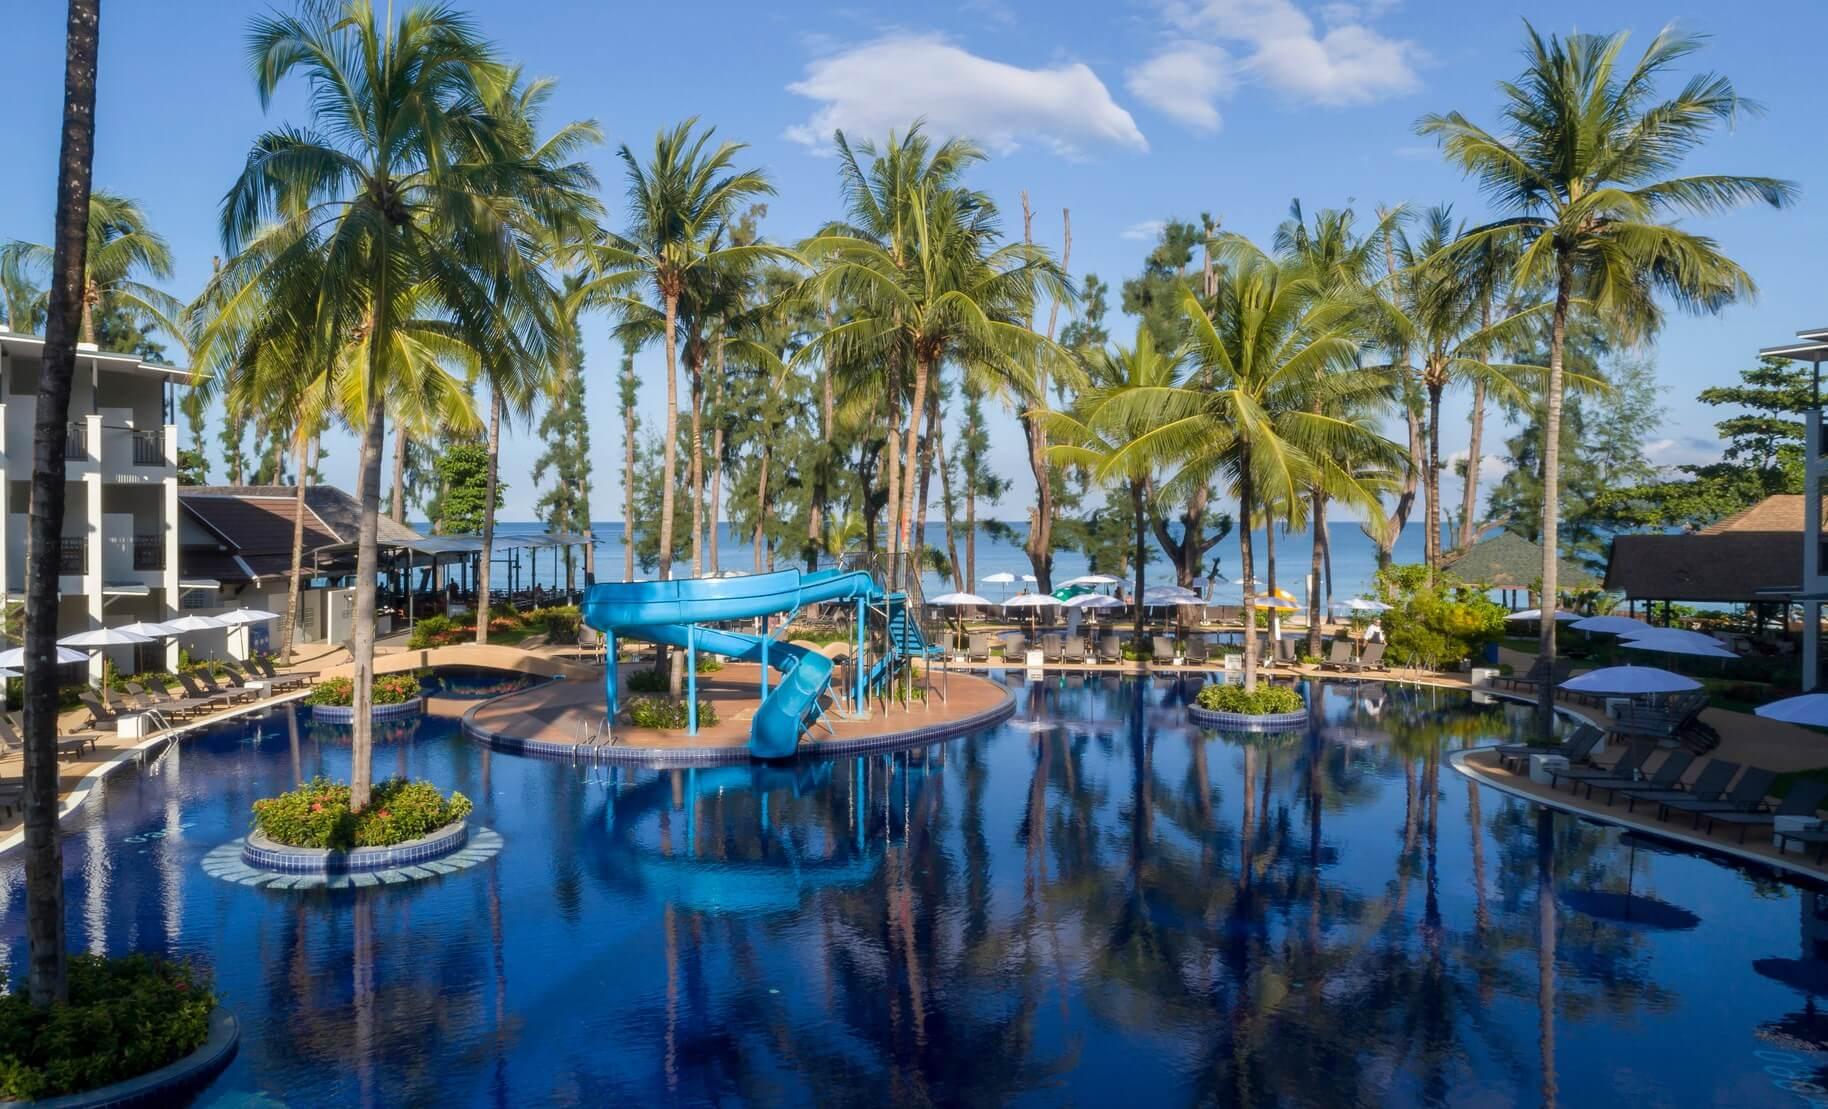 Sunwing Resort & Spa Bangtao Beach - отель на Пхукете с водными горками